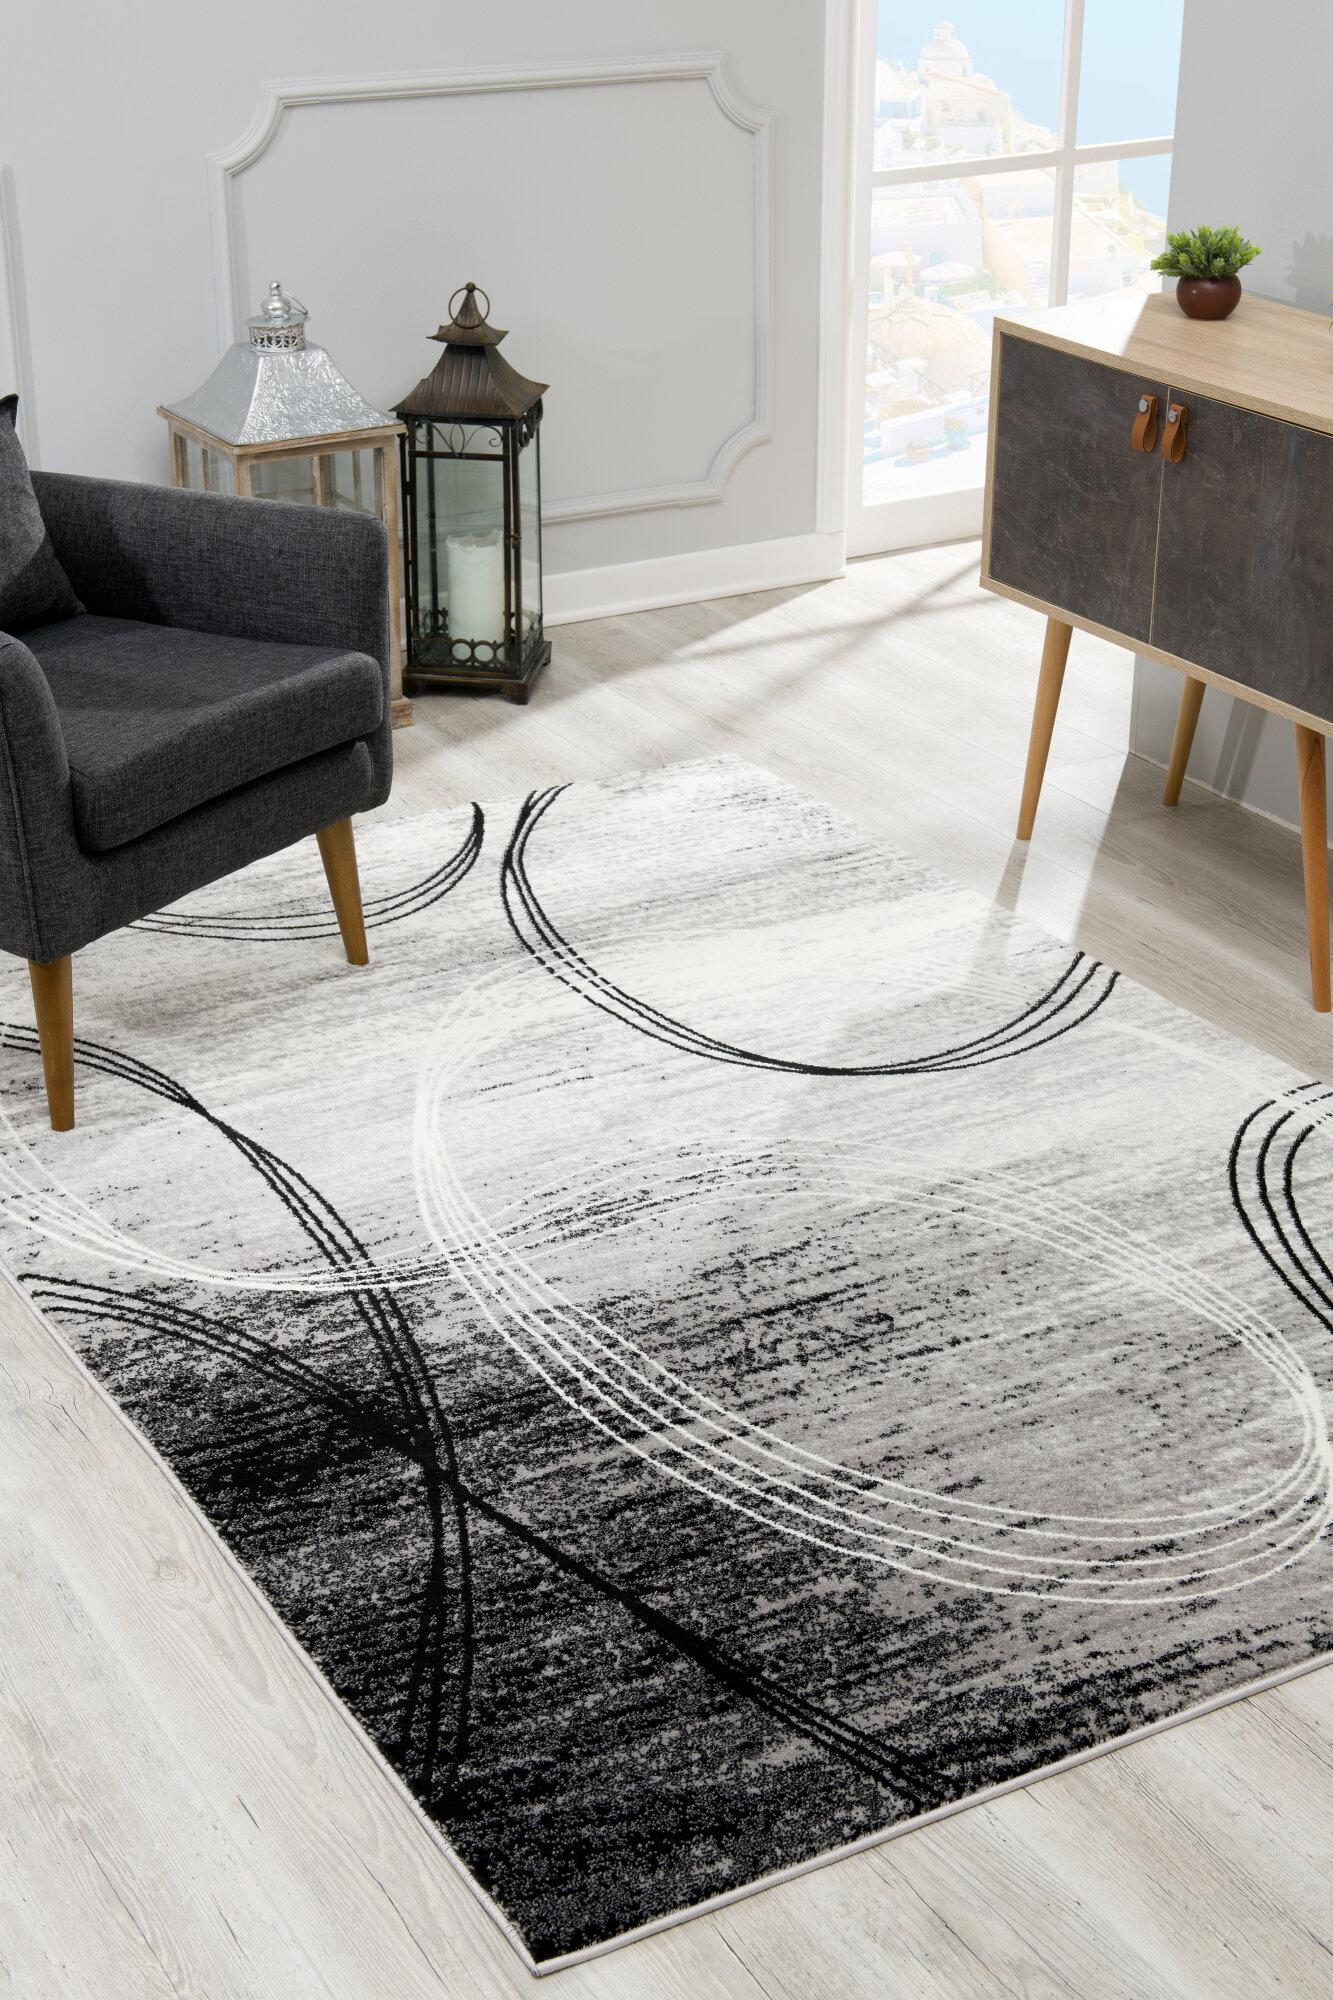 Orren Ellis Dillup Jones Abstract Gray Area Rug Reviews Wayfair